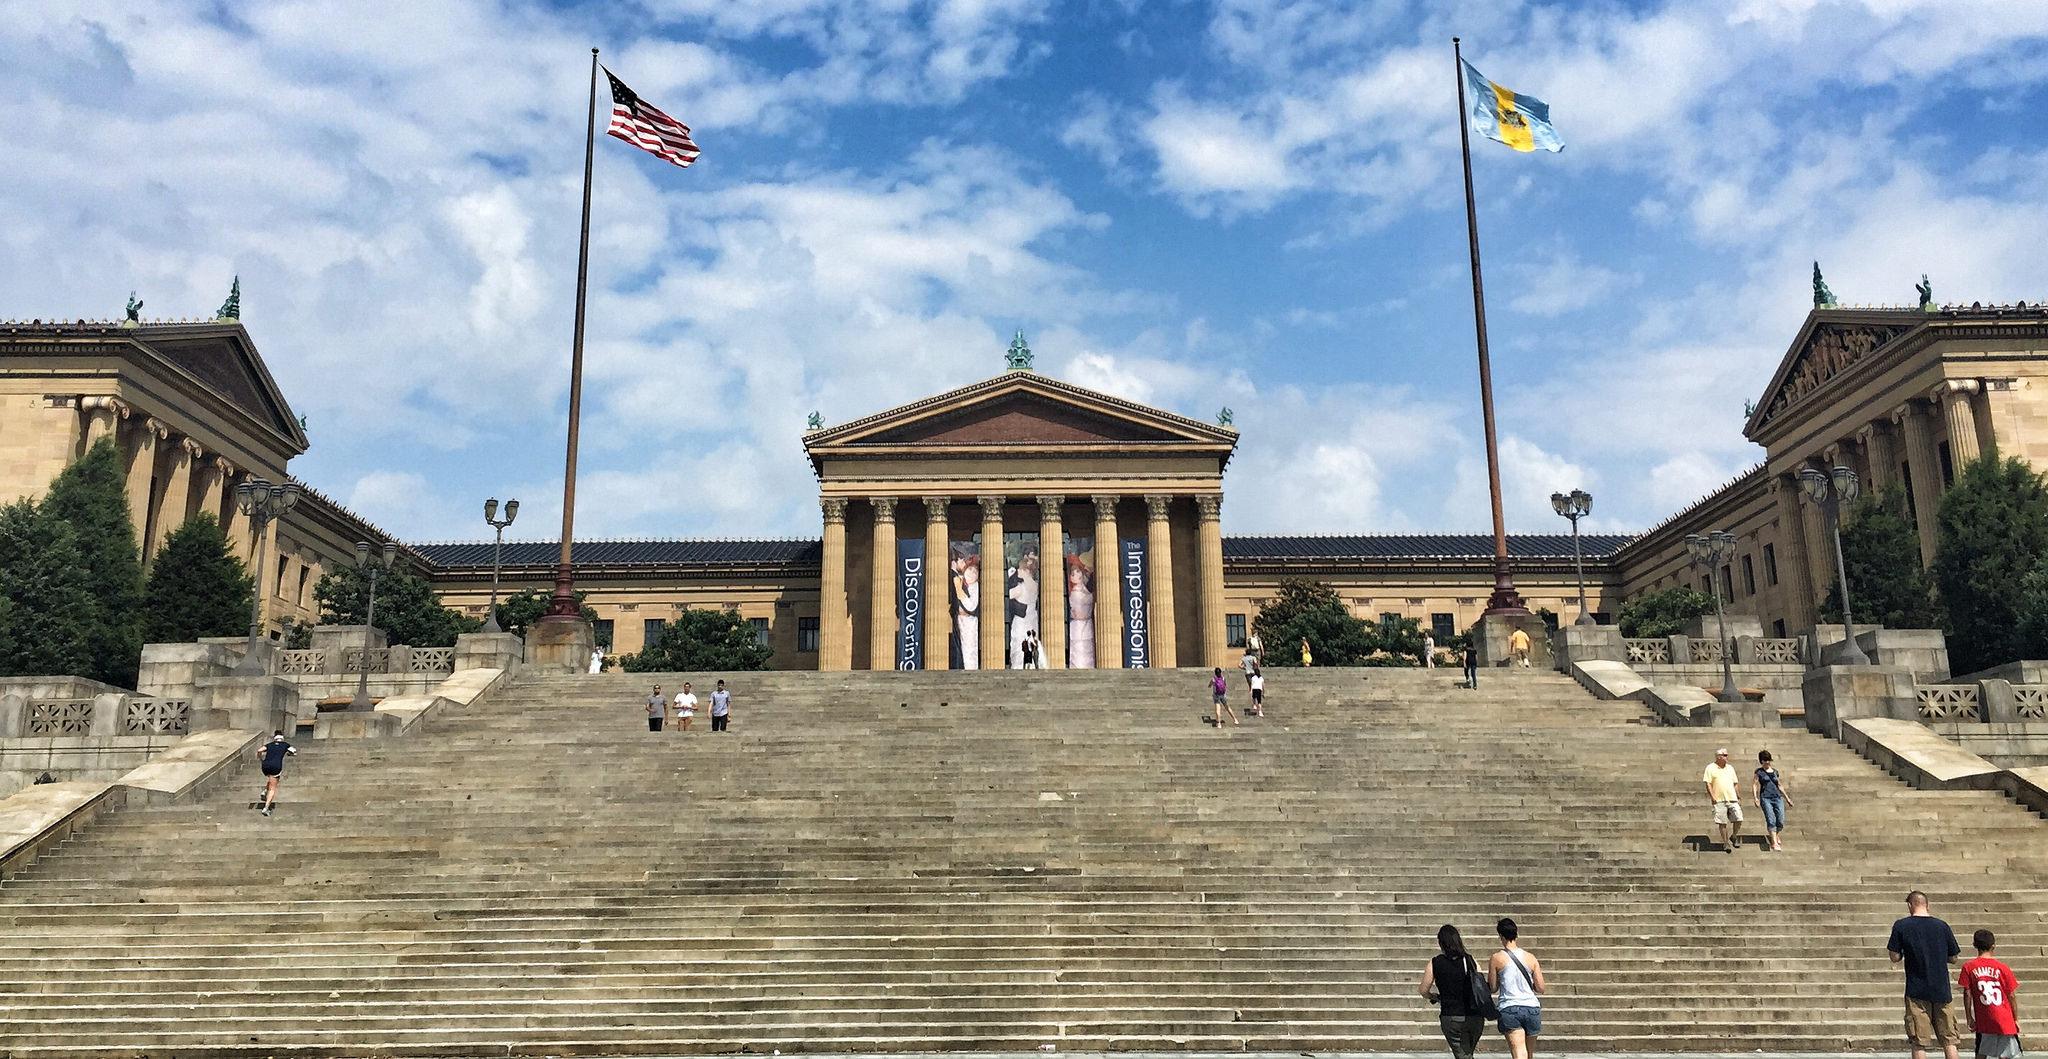 Steps outside the Philadelphia Museum of Art.